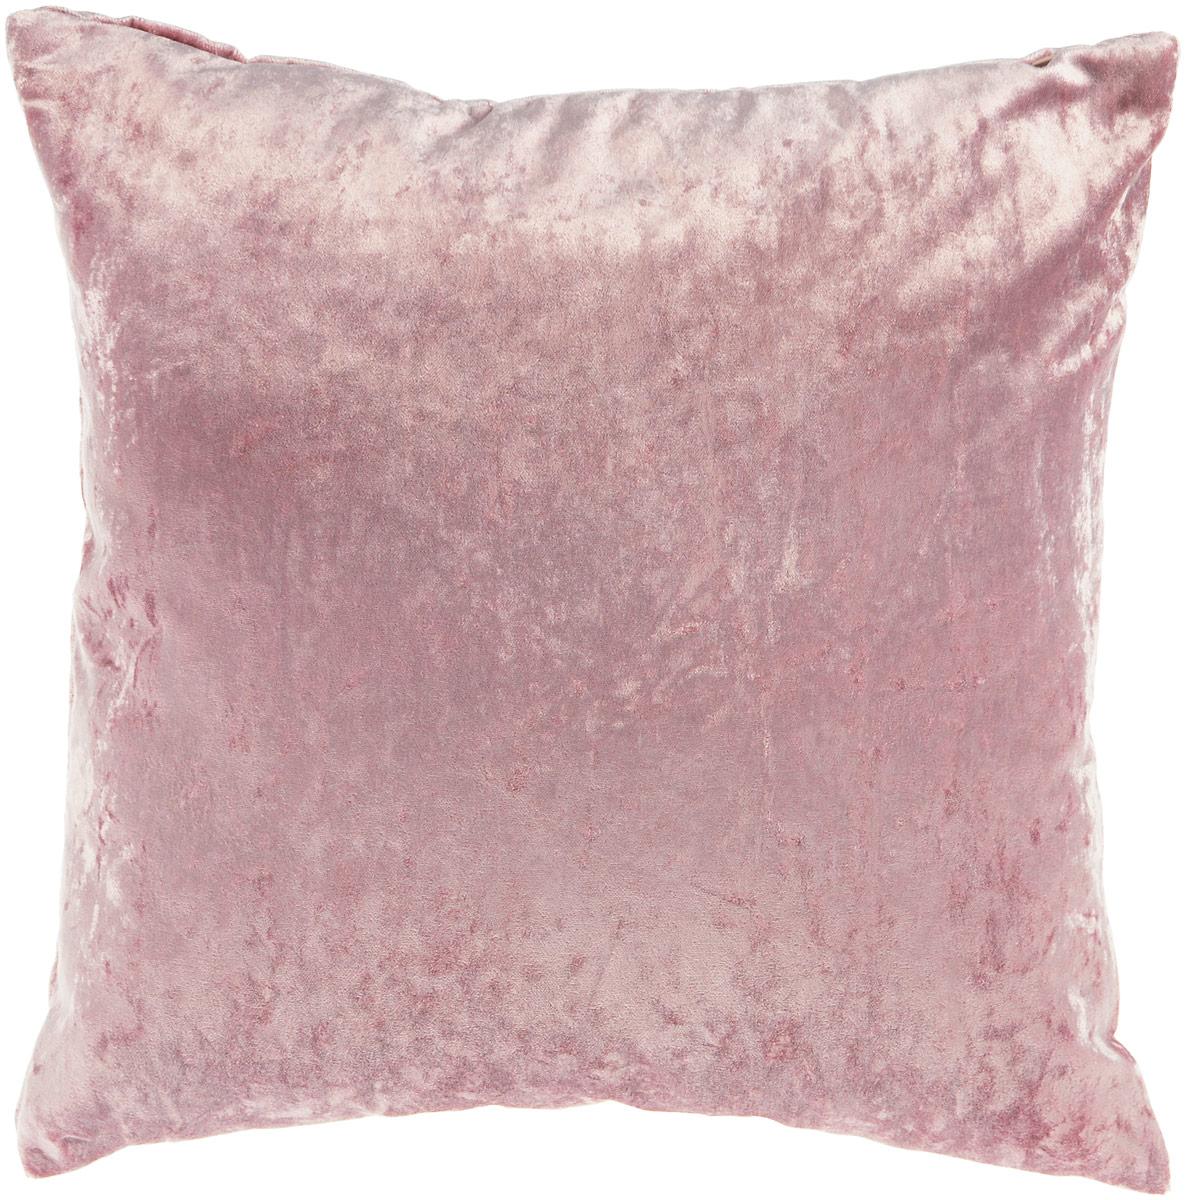 Подушка декоративная KauffOrt Бархат, цвет: розовый, 40 x 40 смSVC-300Декоративная подушка Бархат прекрасно дополнит интерьер спальни или гостиной. Бархатистый на ощупь чехол подушки выполнен из 49% вискозы, 42% хлопка и 9% полиэстера. Внутри находится мягкий наполнитель. Чехол легко снимается благодаря потайной молнии.Красивая подушка создаст атмосферу уюта и комфорта в спальне и станет прекрасным элементом декора.